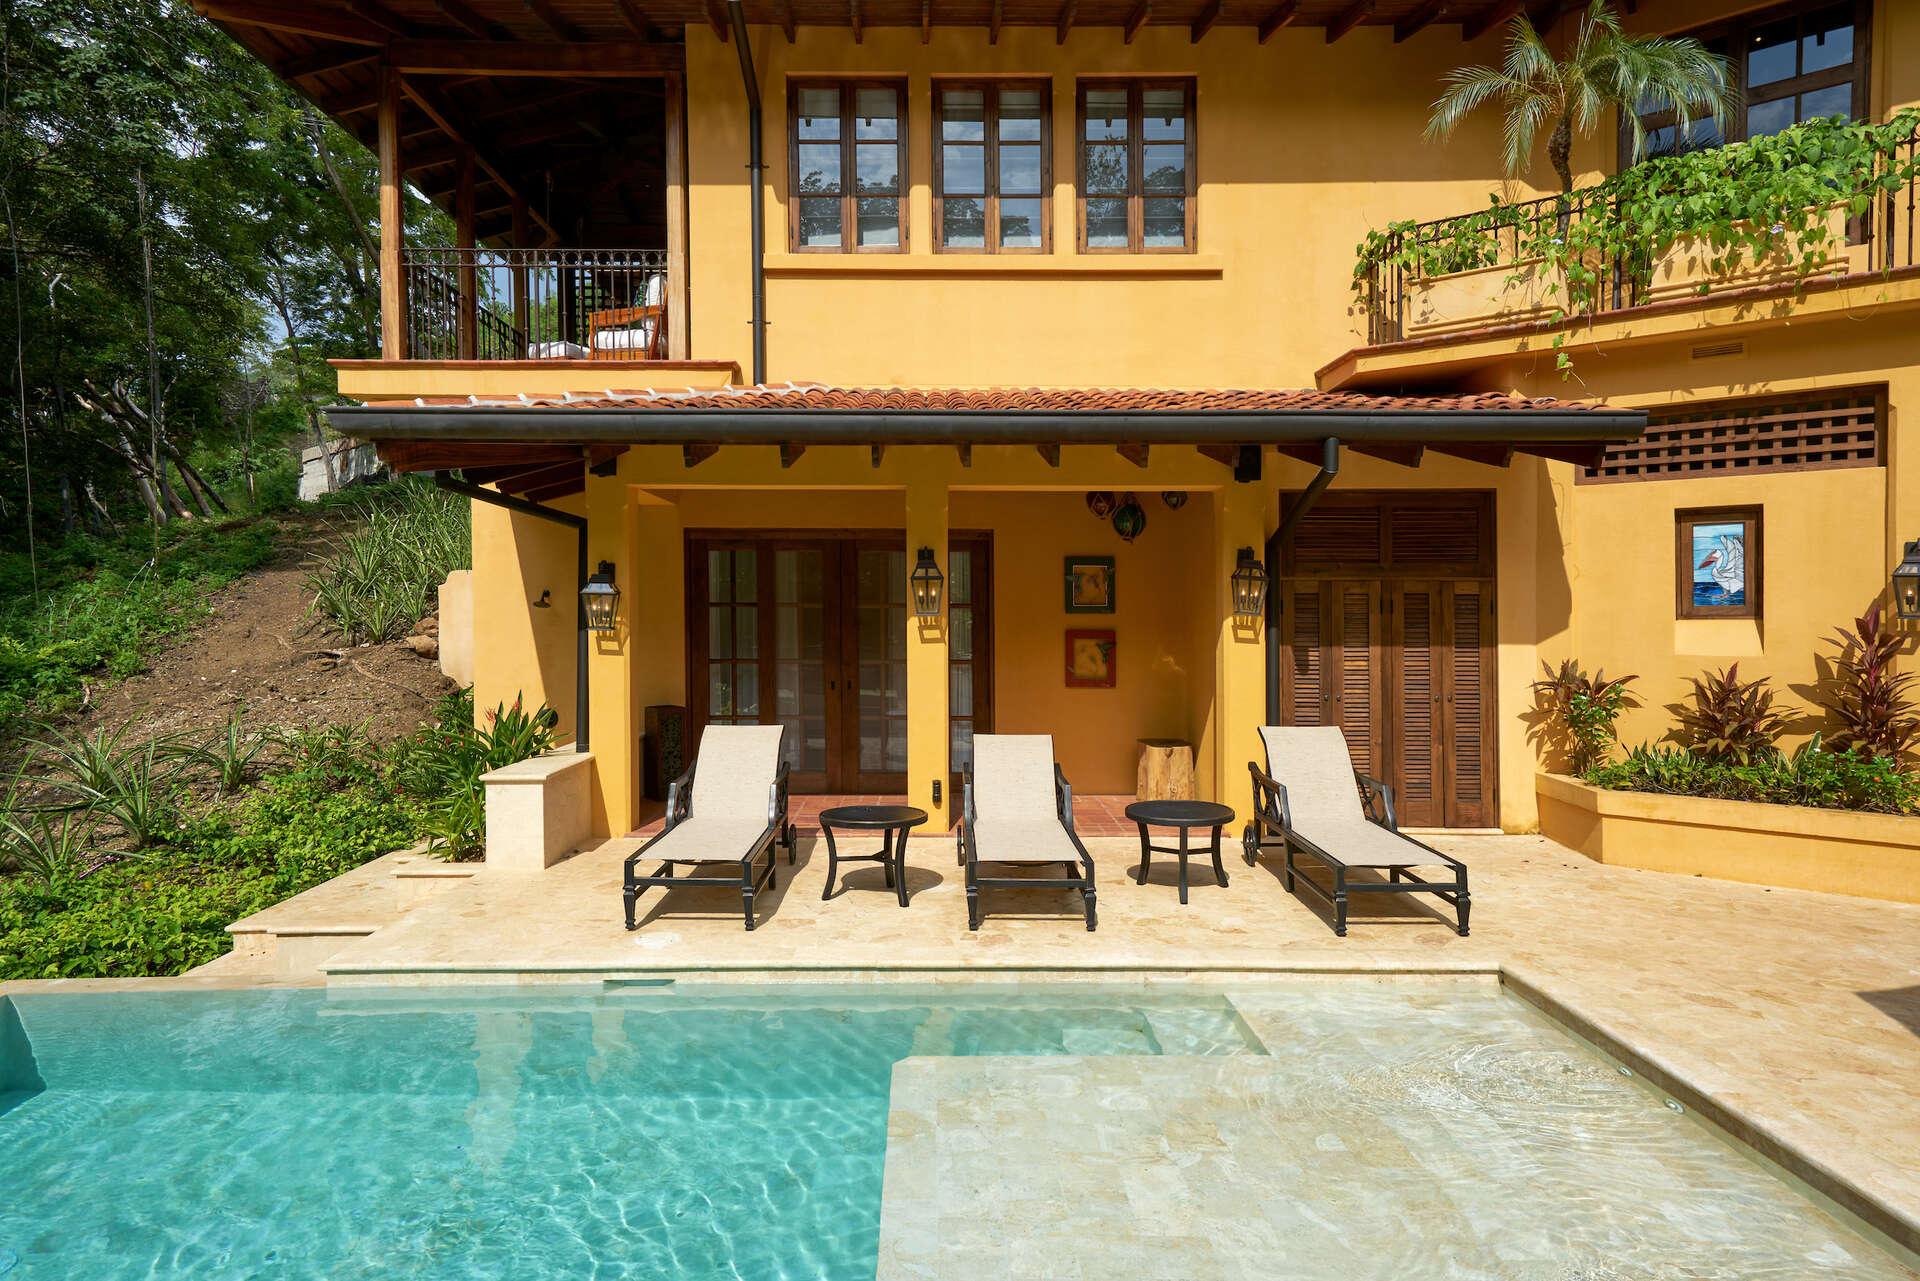 - Casa Pelicano - Image 1/39